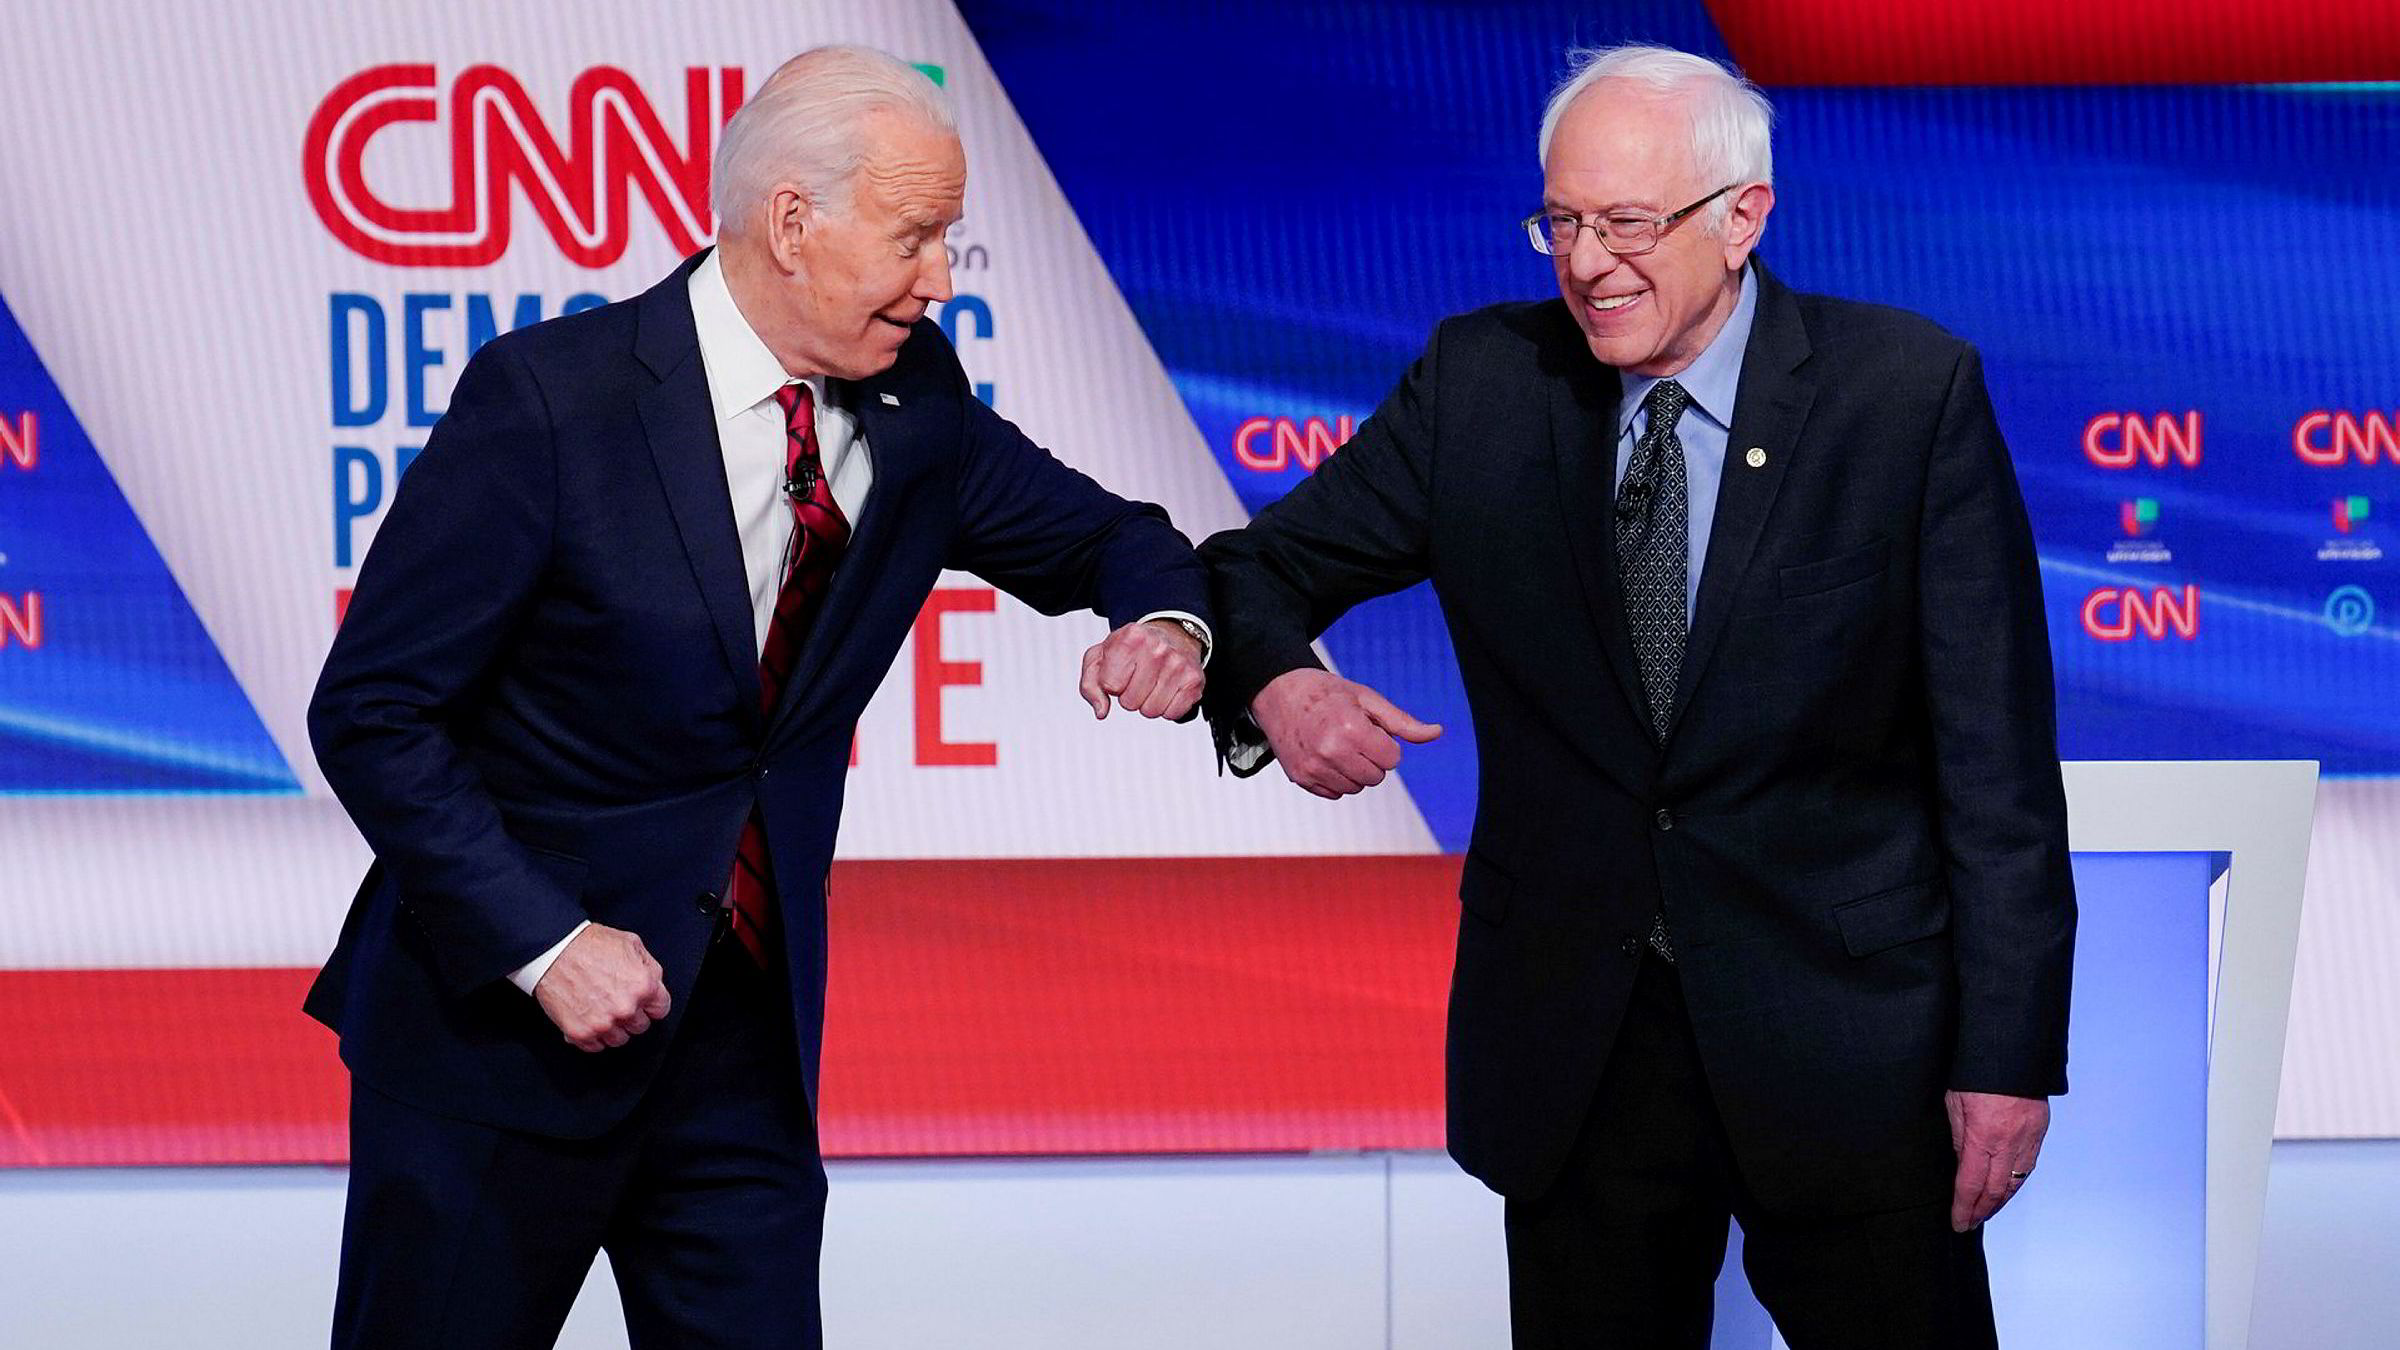 Tidligere visepresident Joe Biden (til venstre) gjør «korona-hilsen» med Bernie Sanders. Biden ligger godt an til å bli Demokratenes presidentkandidat, men også per i dag til å bli USAs neste president.